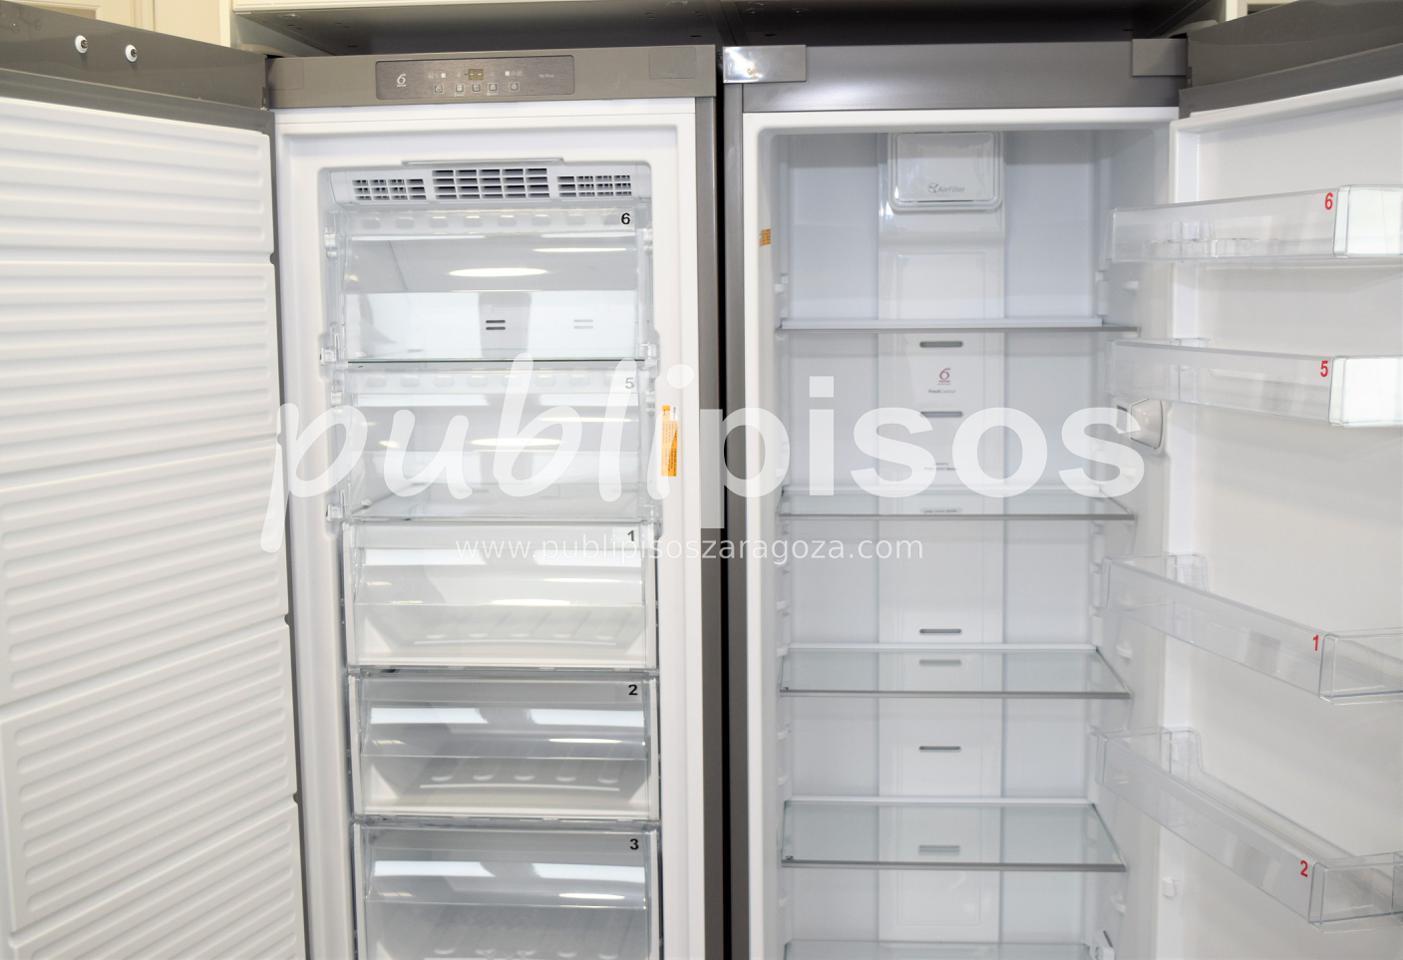 Alquiler habitaciones para estudiantes Zaragoza-11